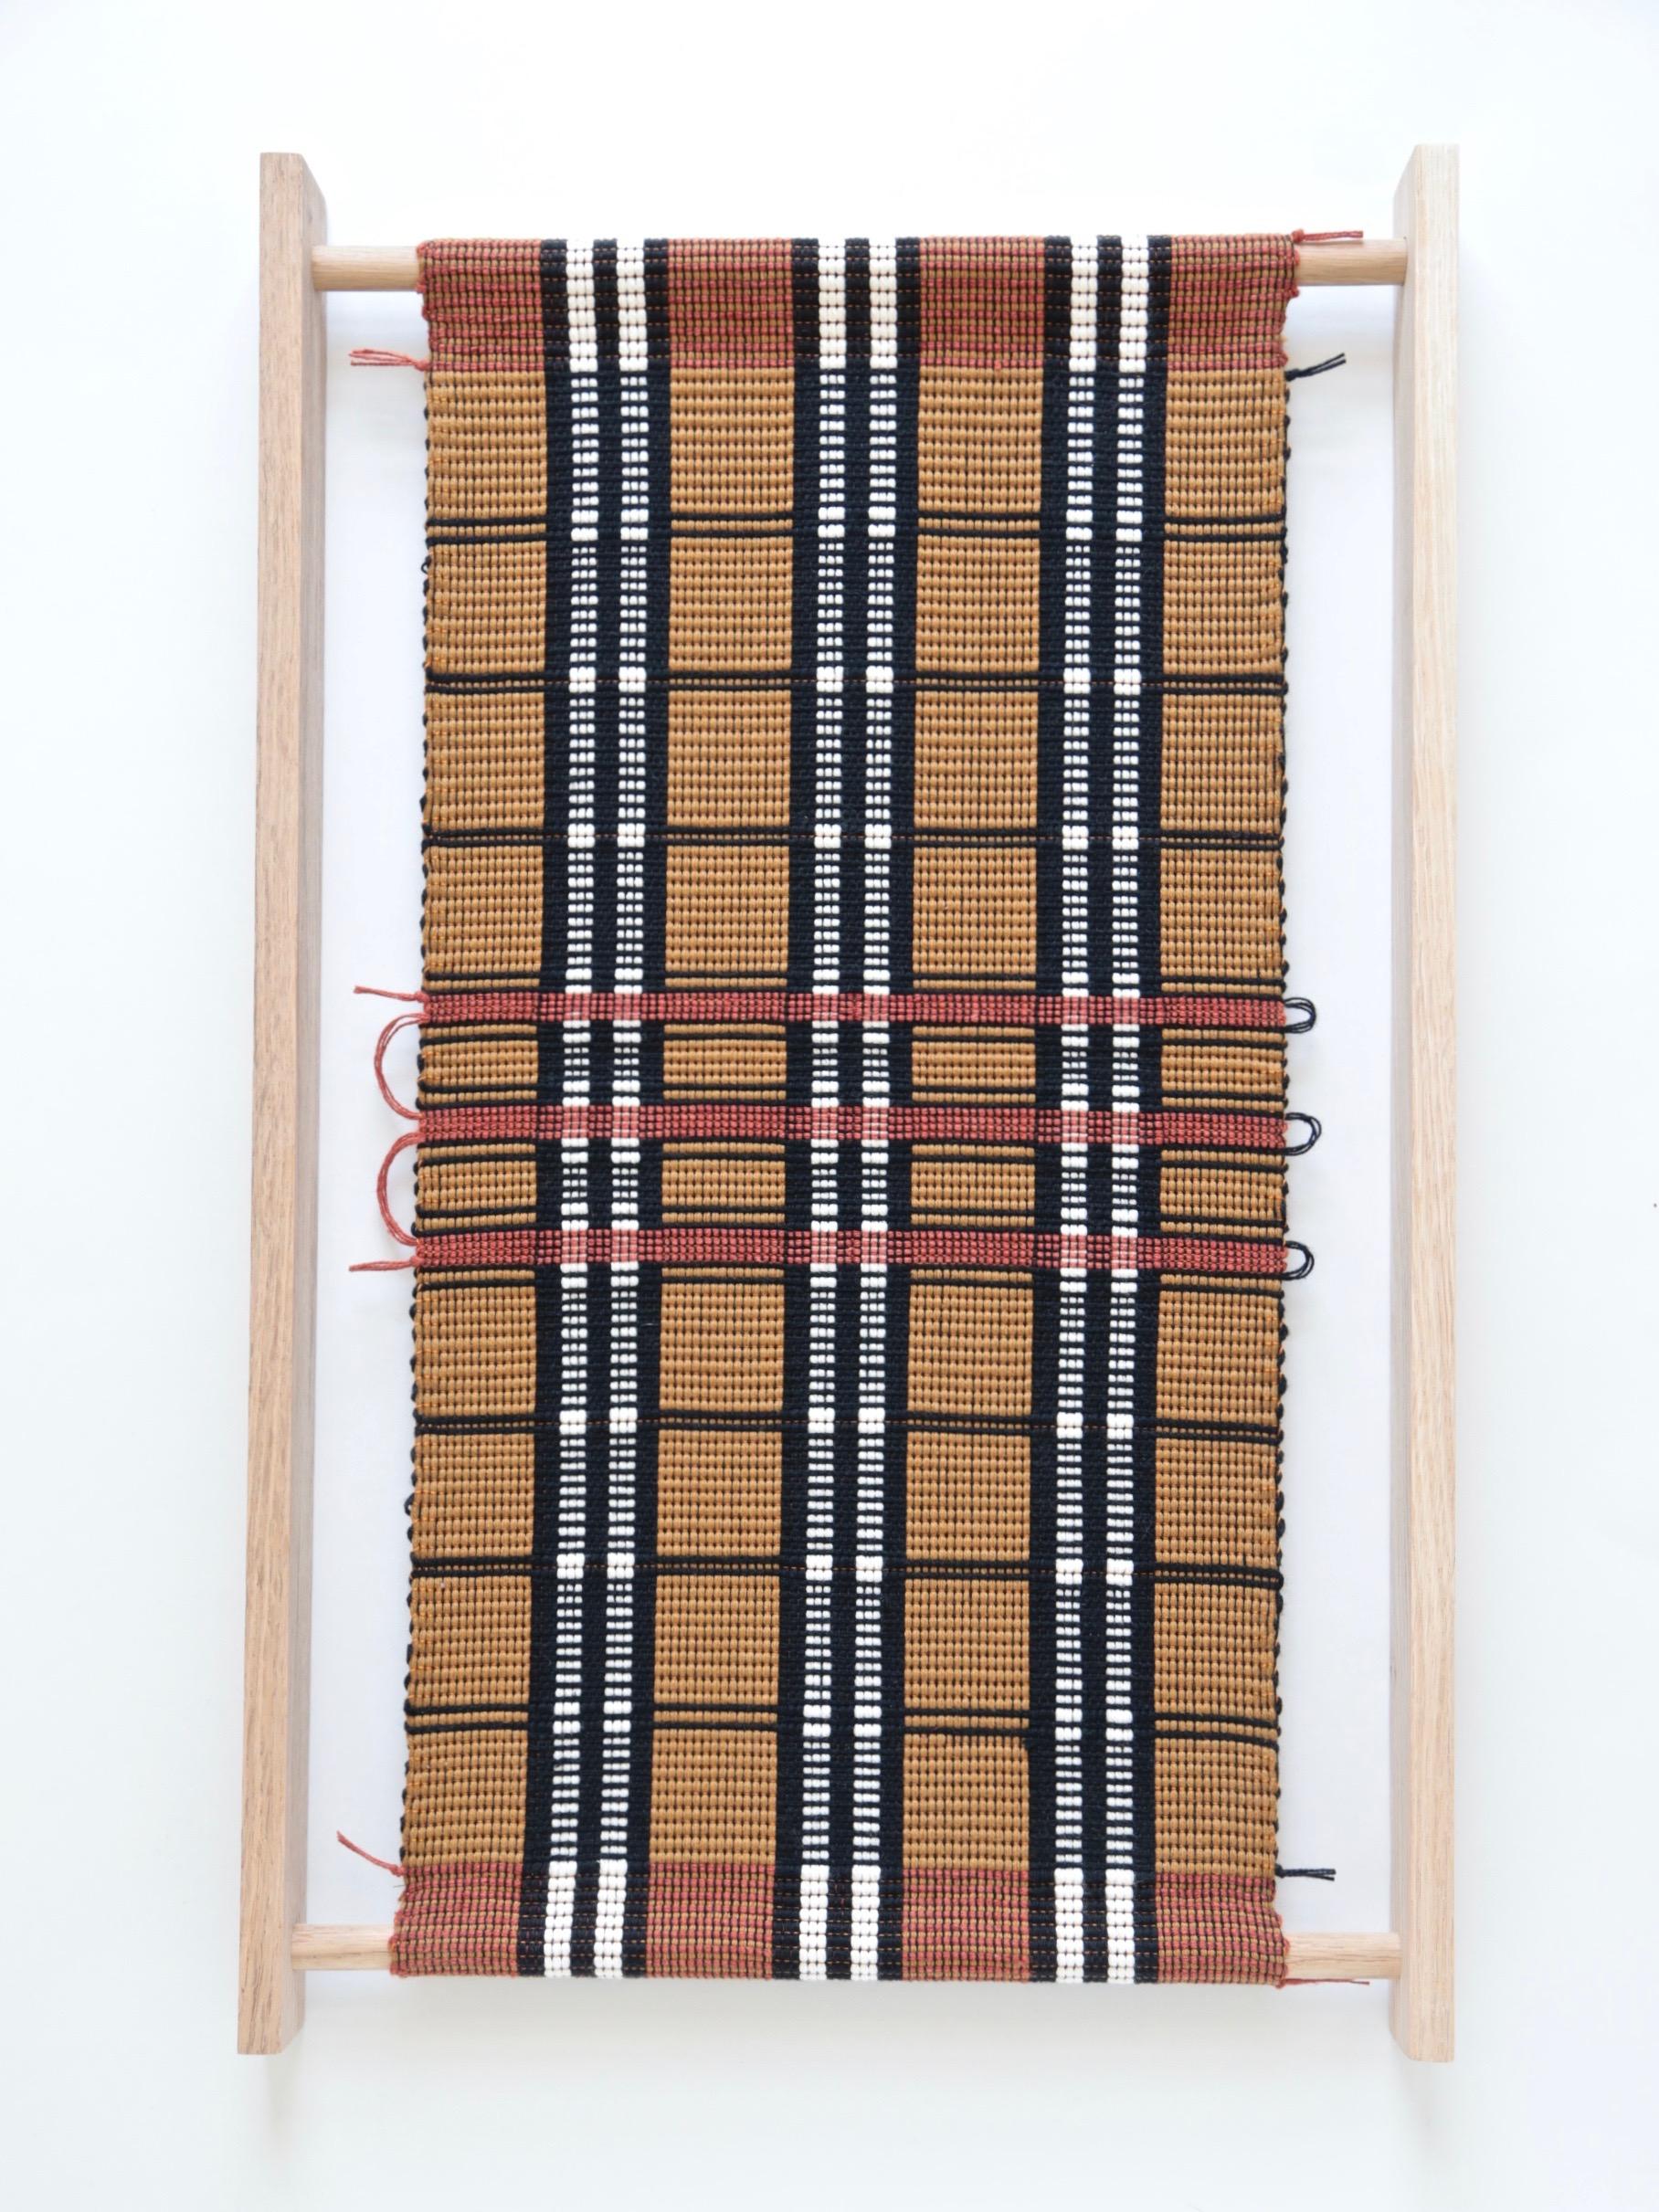 Juliette Lanvers    Dreaming of Mali I   hand-weaving, 18.5 x 12.75 in.